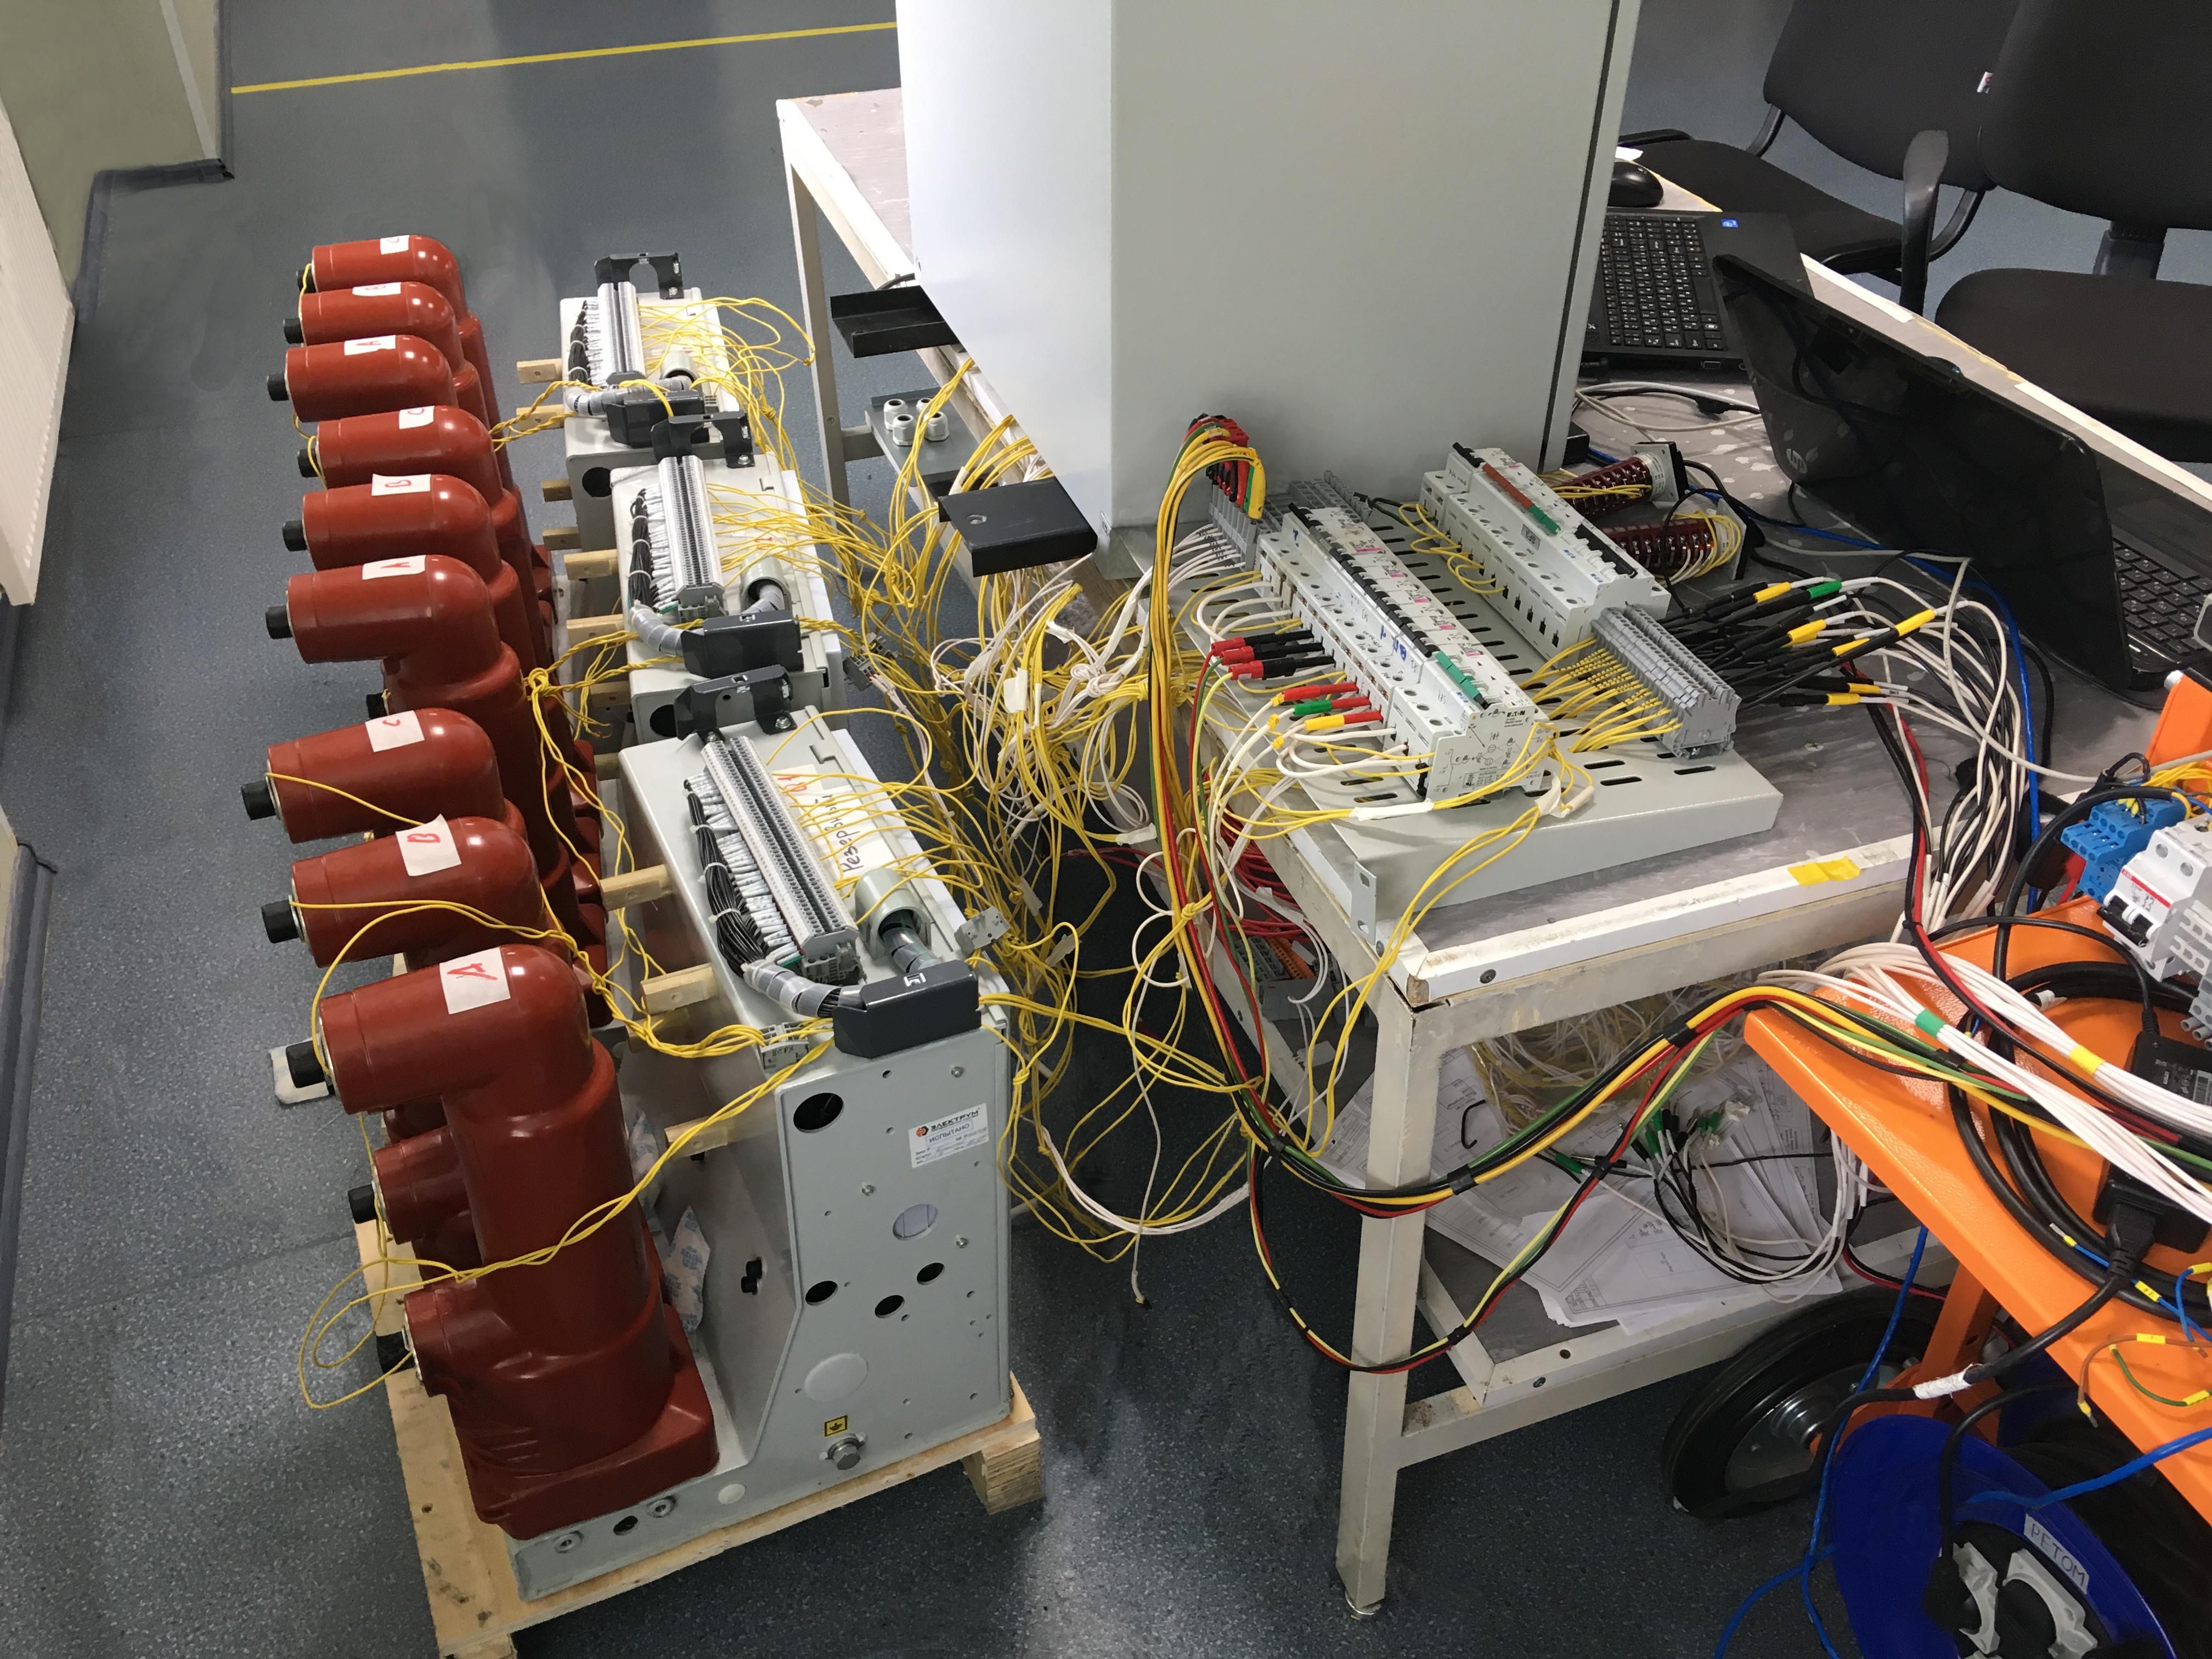 Вакуумный выключатель ВЭЛМ-10 испытали с быстродействующим автоматическим вводом резерва БМРЗ-БАВР